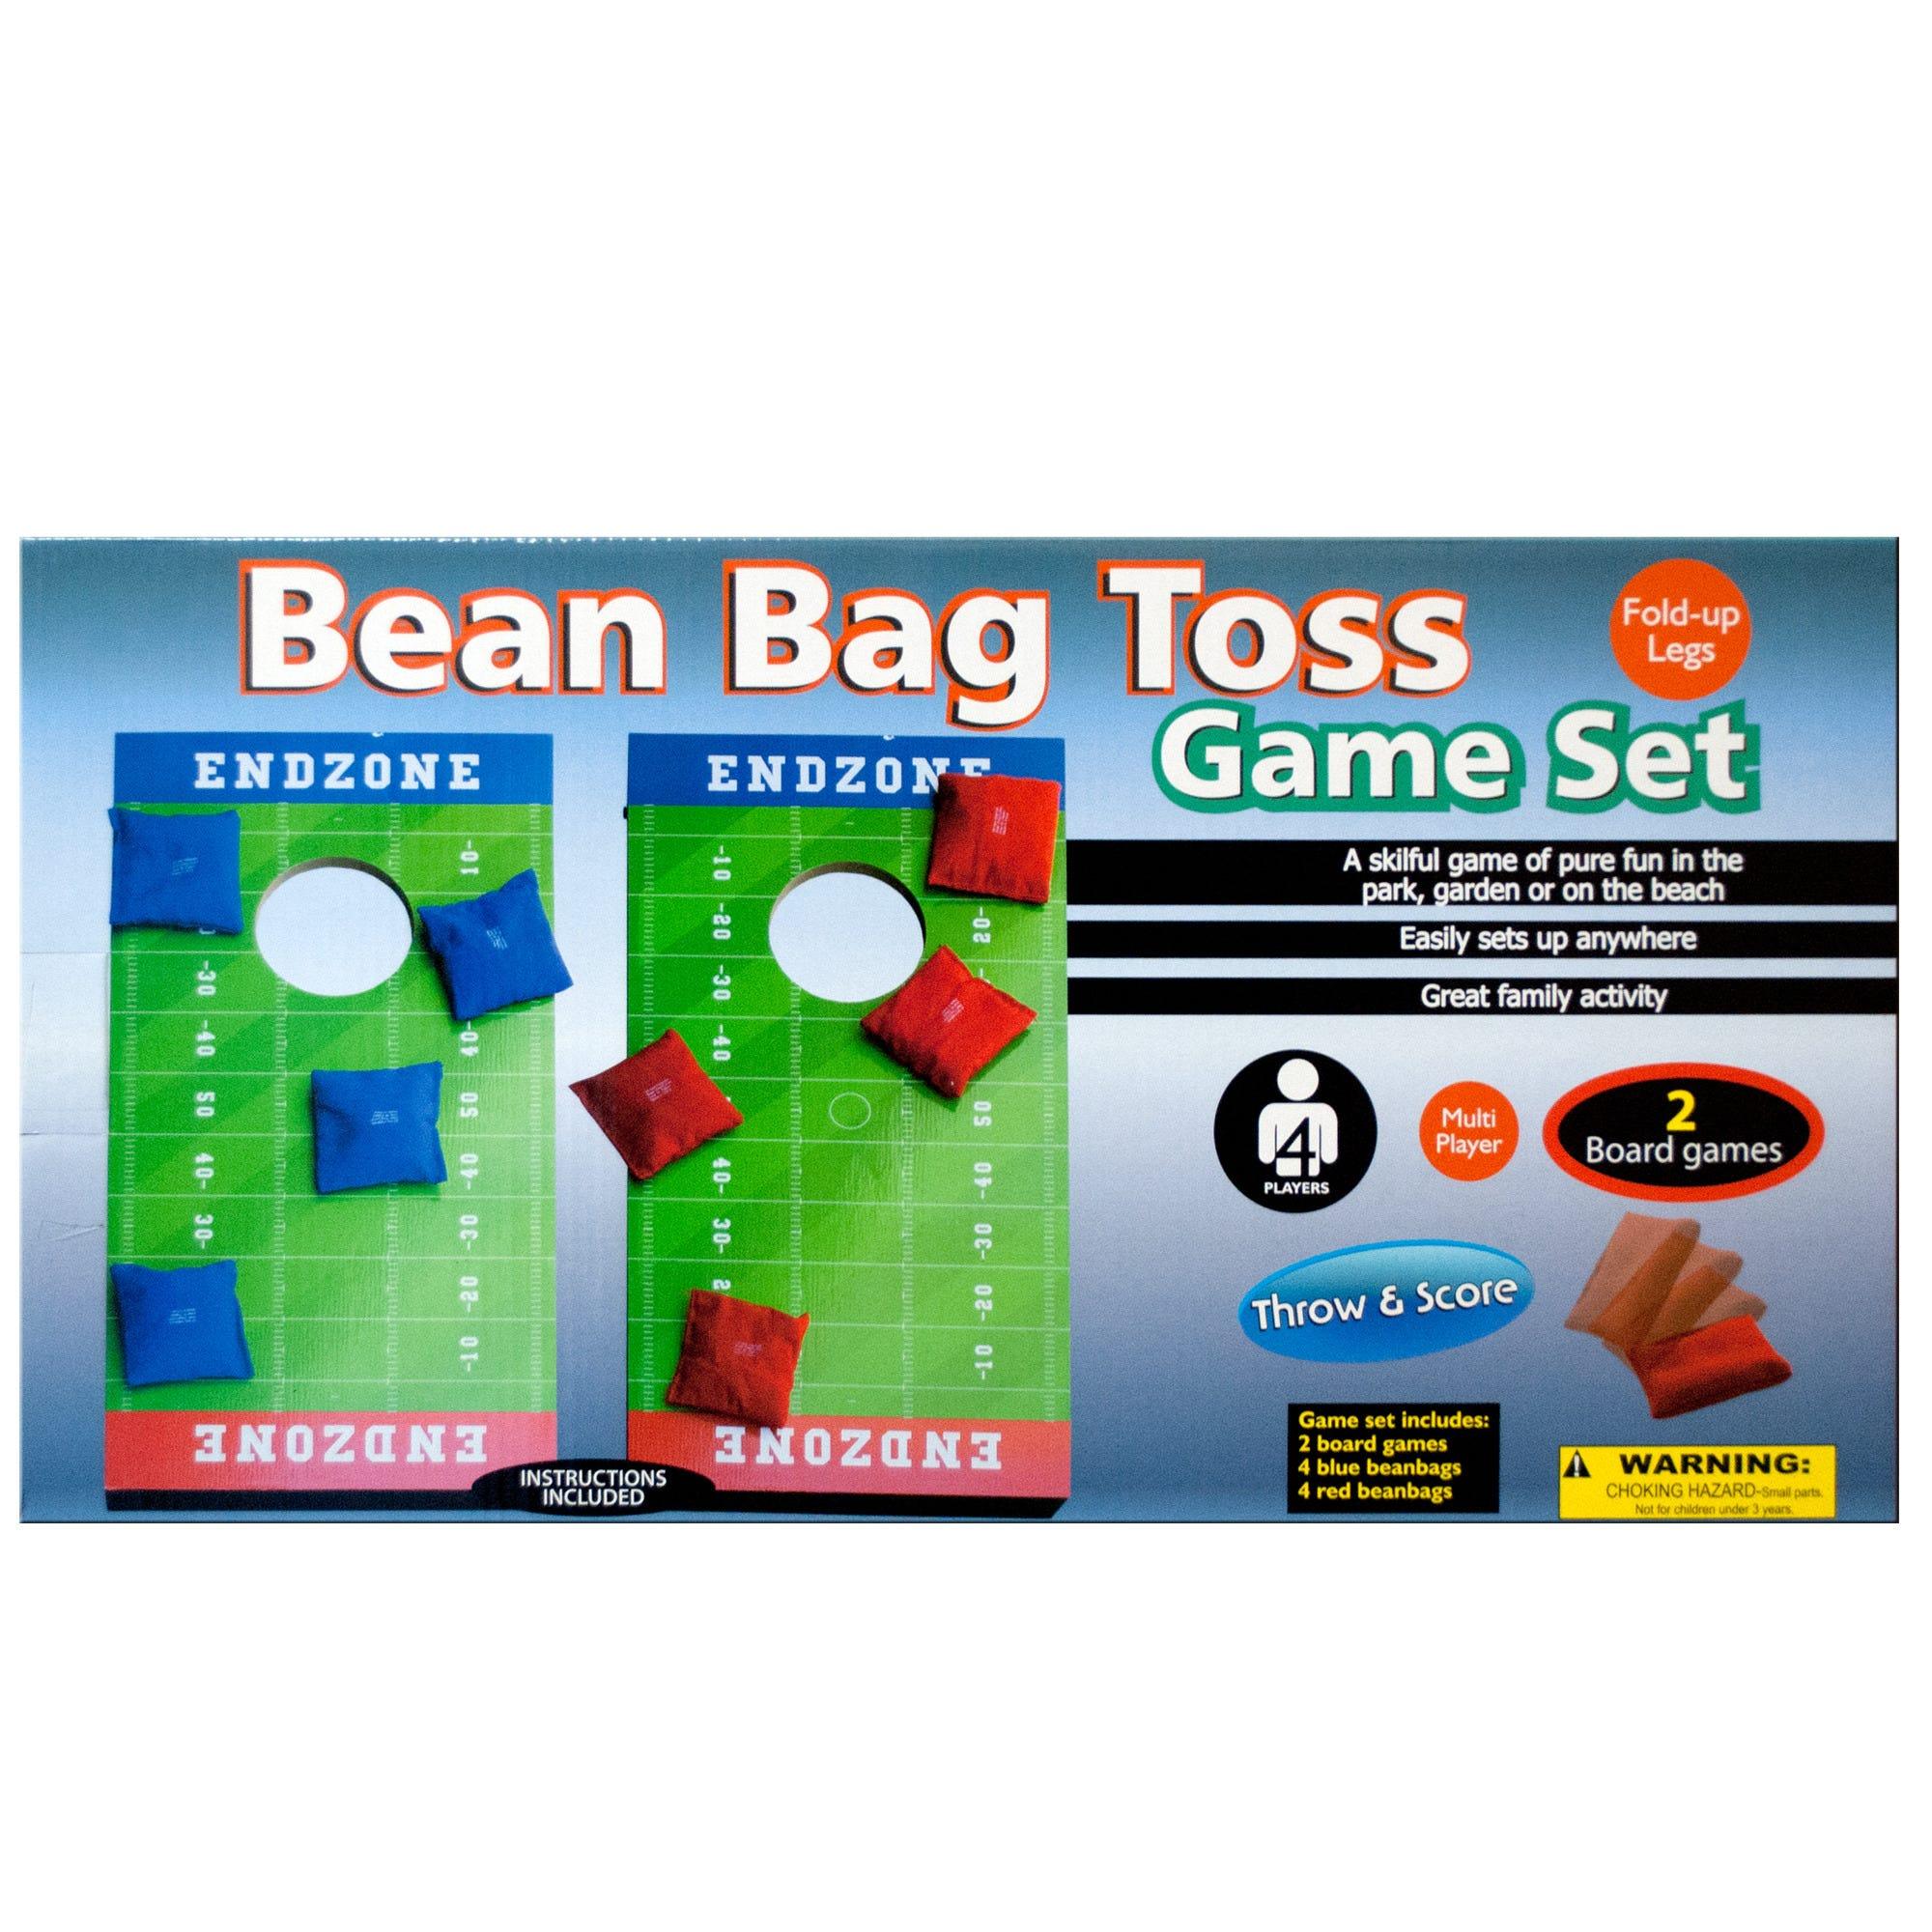 Toss n' Score Bean BAG Toss Game Set- Qty 2